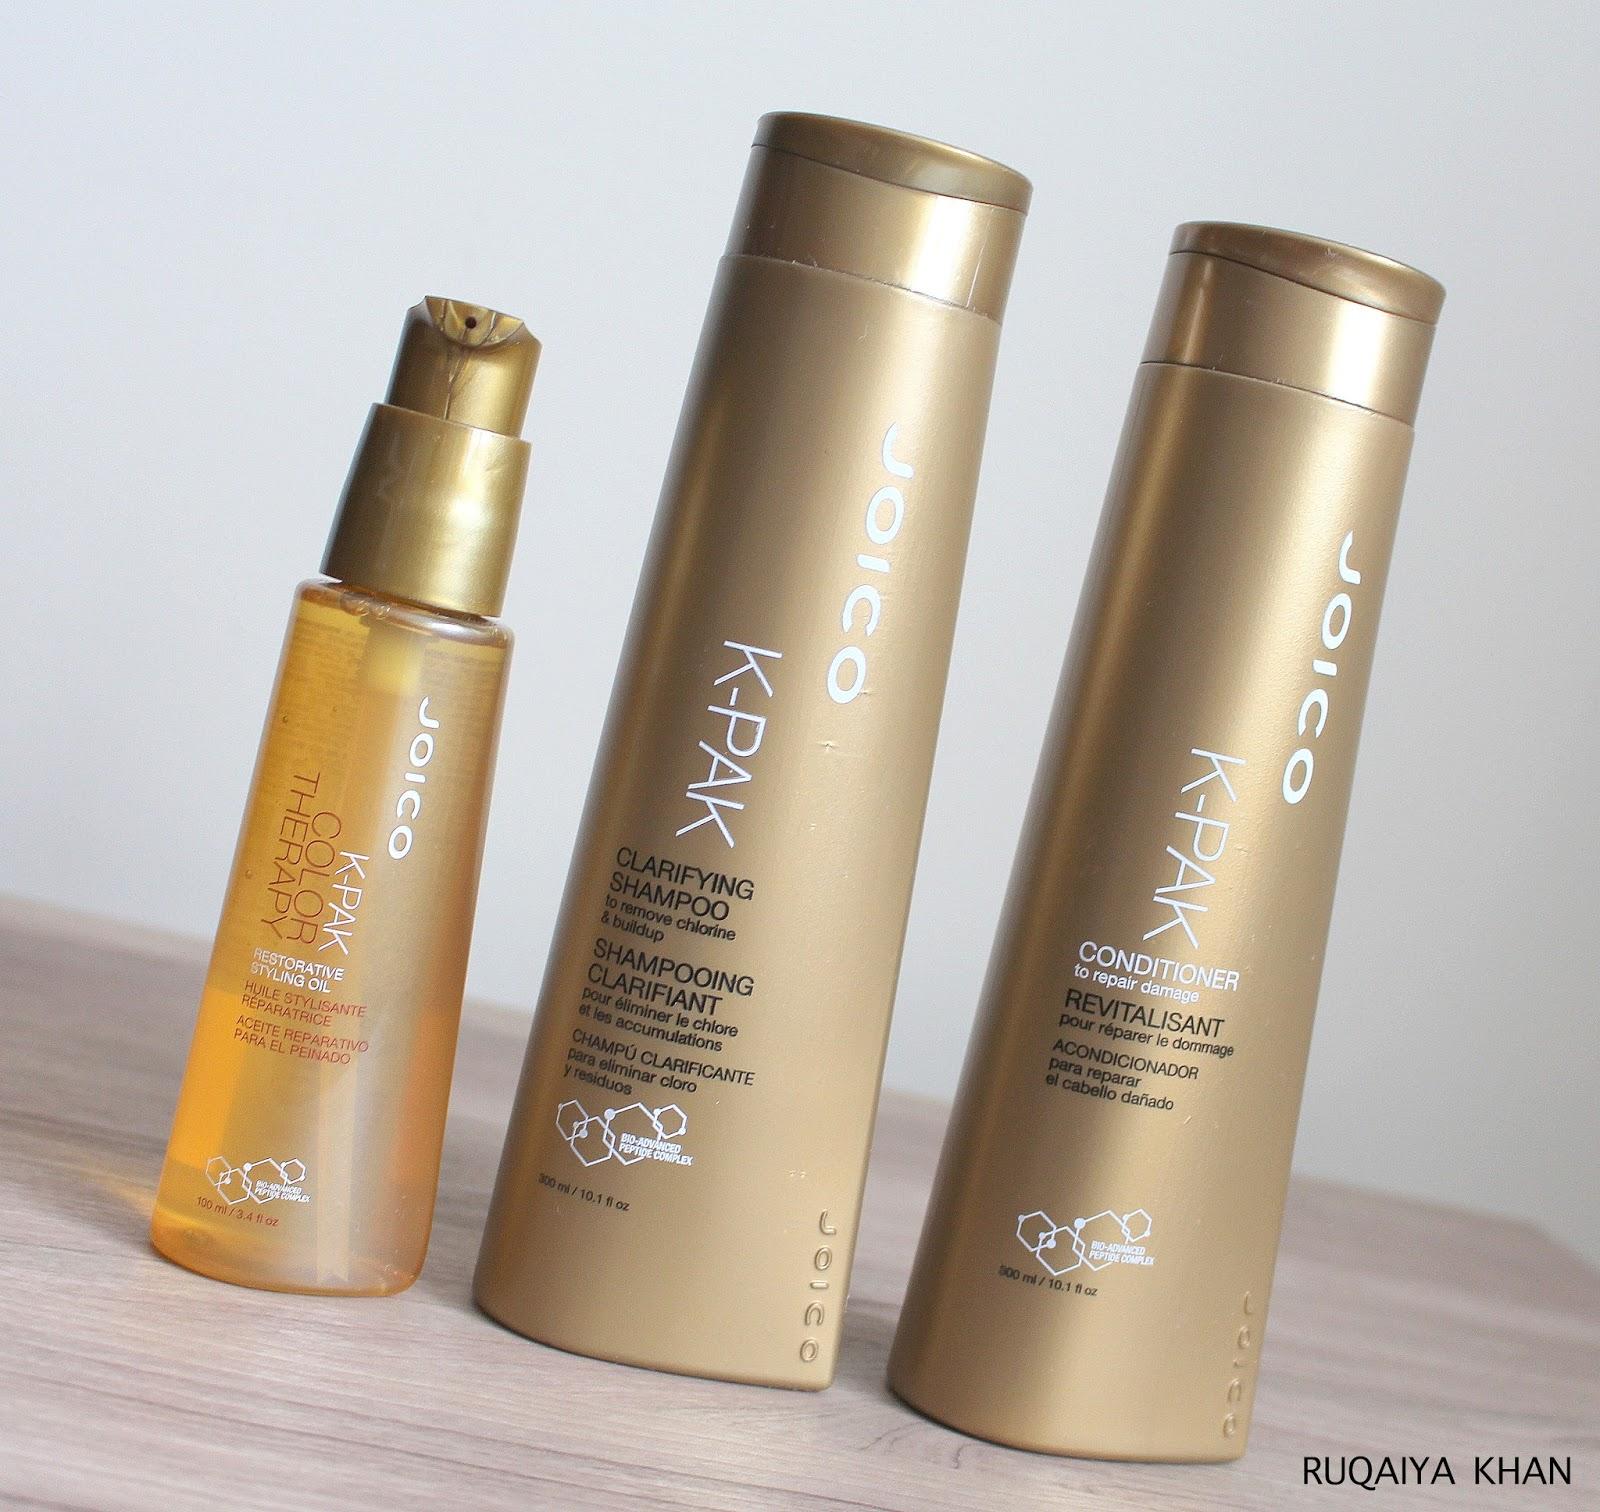 Ruqaiya Khan: JOICO K-PAK Clarifying Shampoo, Conditioner